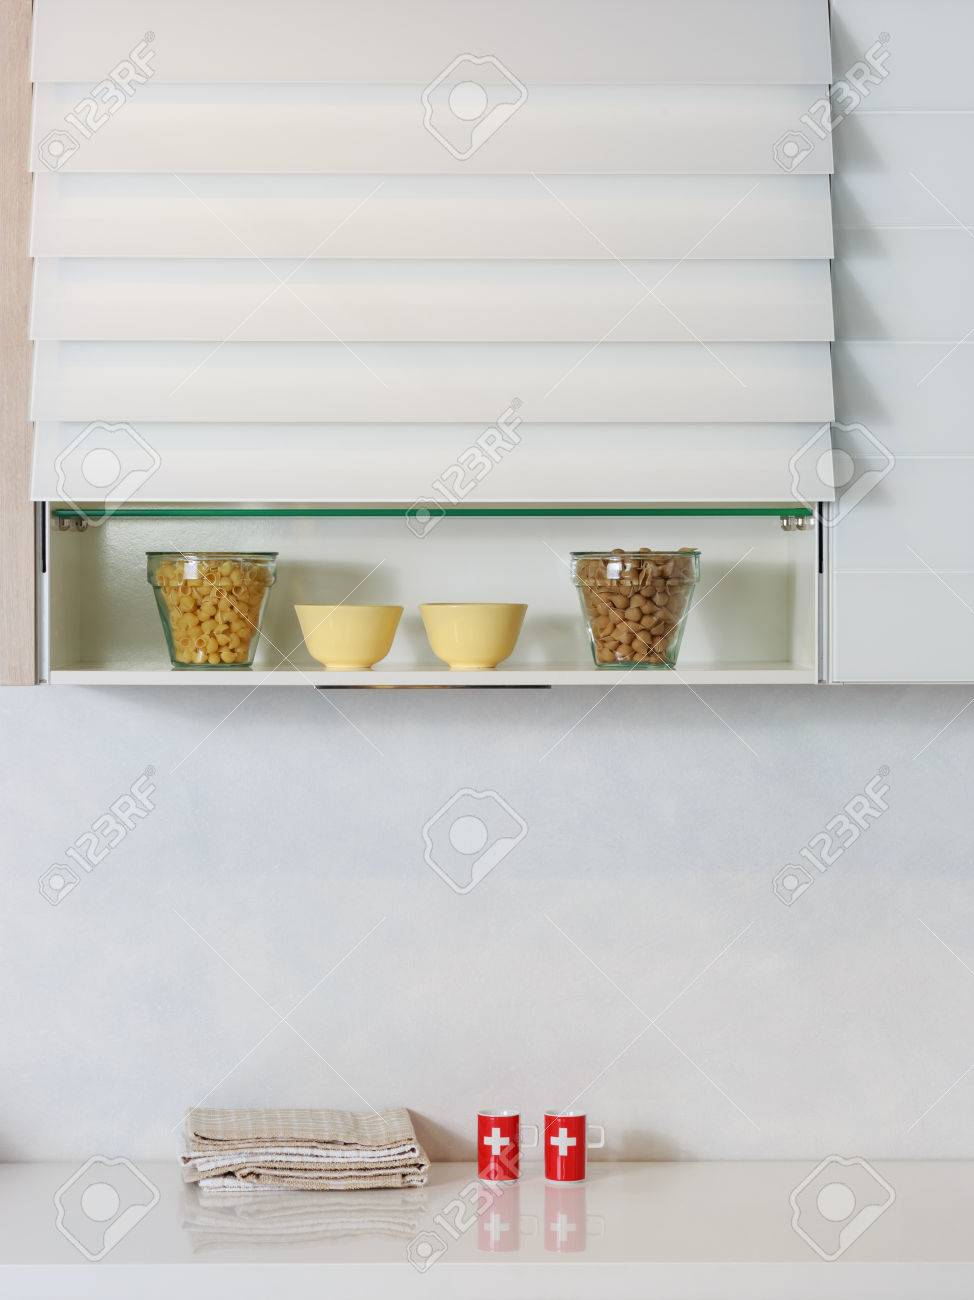 Full Size of Regal Küche Arbeitsplatte Lebensmittelzutaten Auf Einem Kche Büroküche Holzregal Hochglanz Grau L Form Aus Weinkisten Wandfliesen Eckschrank Wasserhähne Wohnzimmer Regal Küche Arbeitsplatte